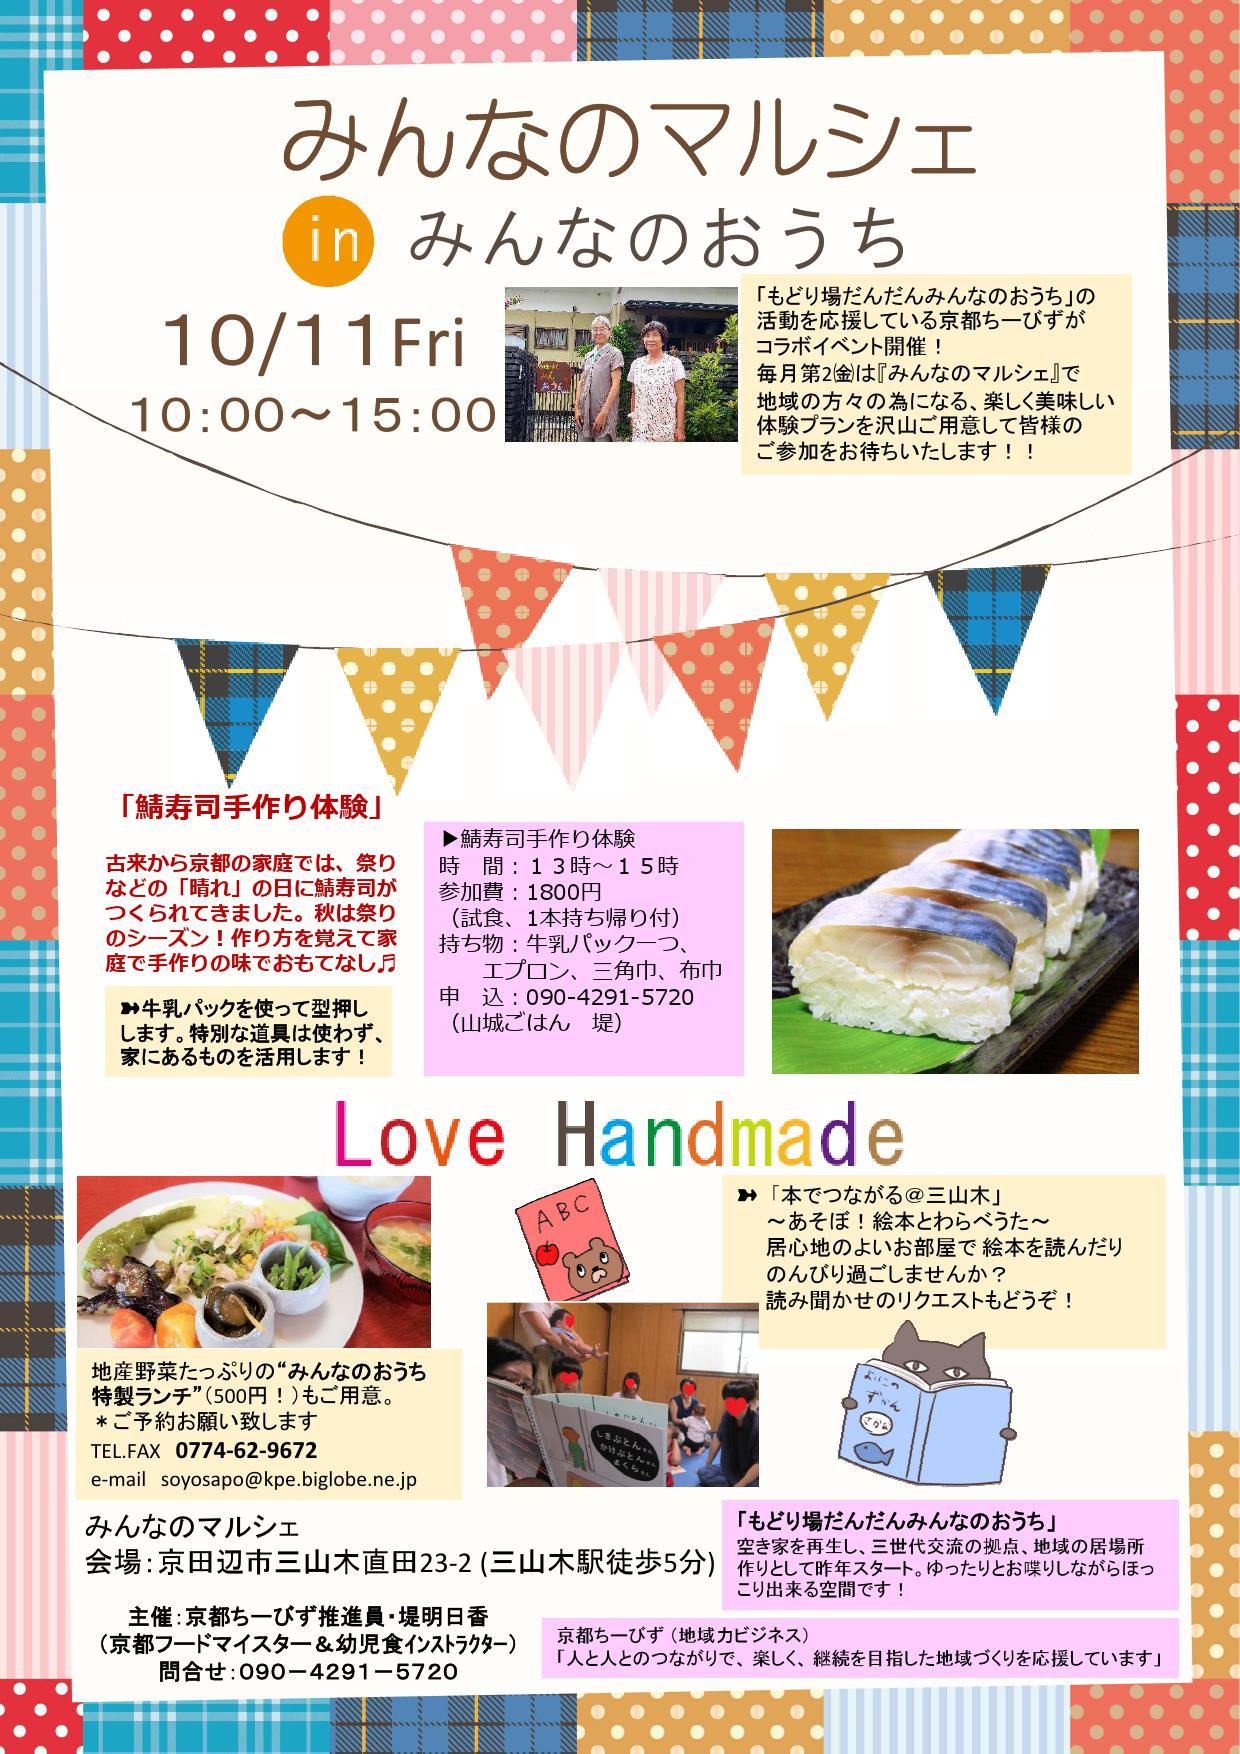 みんなのマルシェinみんなのおうち 10/11(金)鯖寿司手作り体験